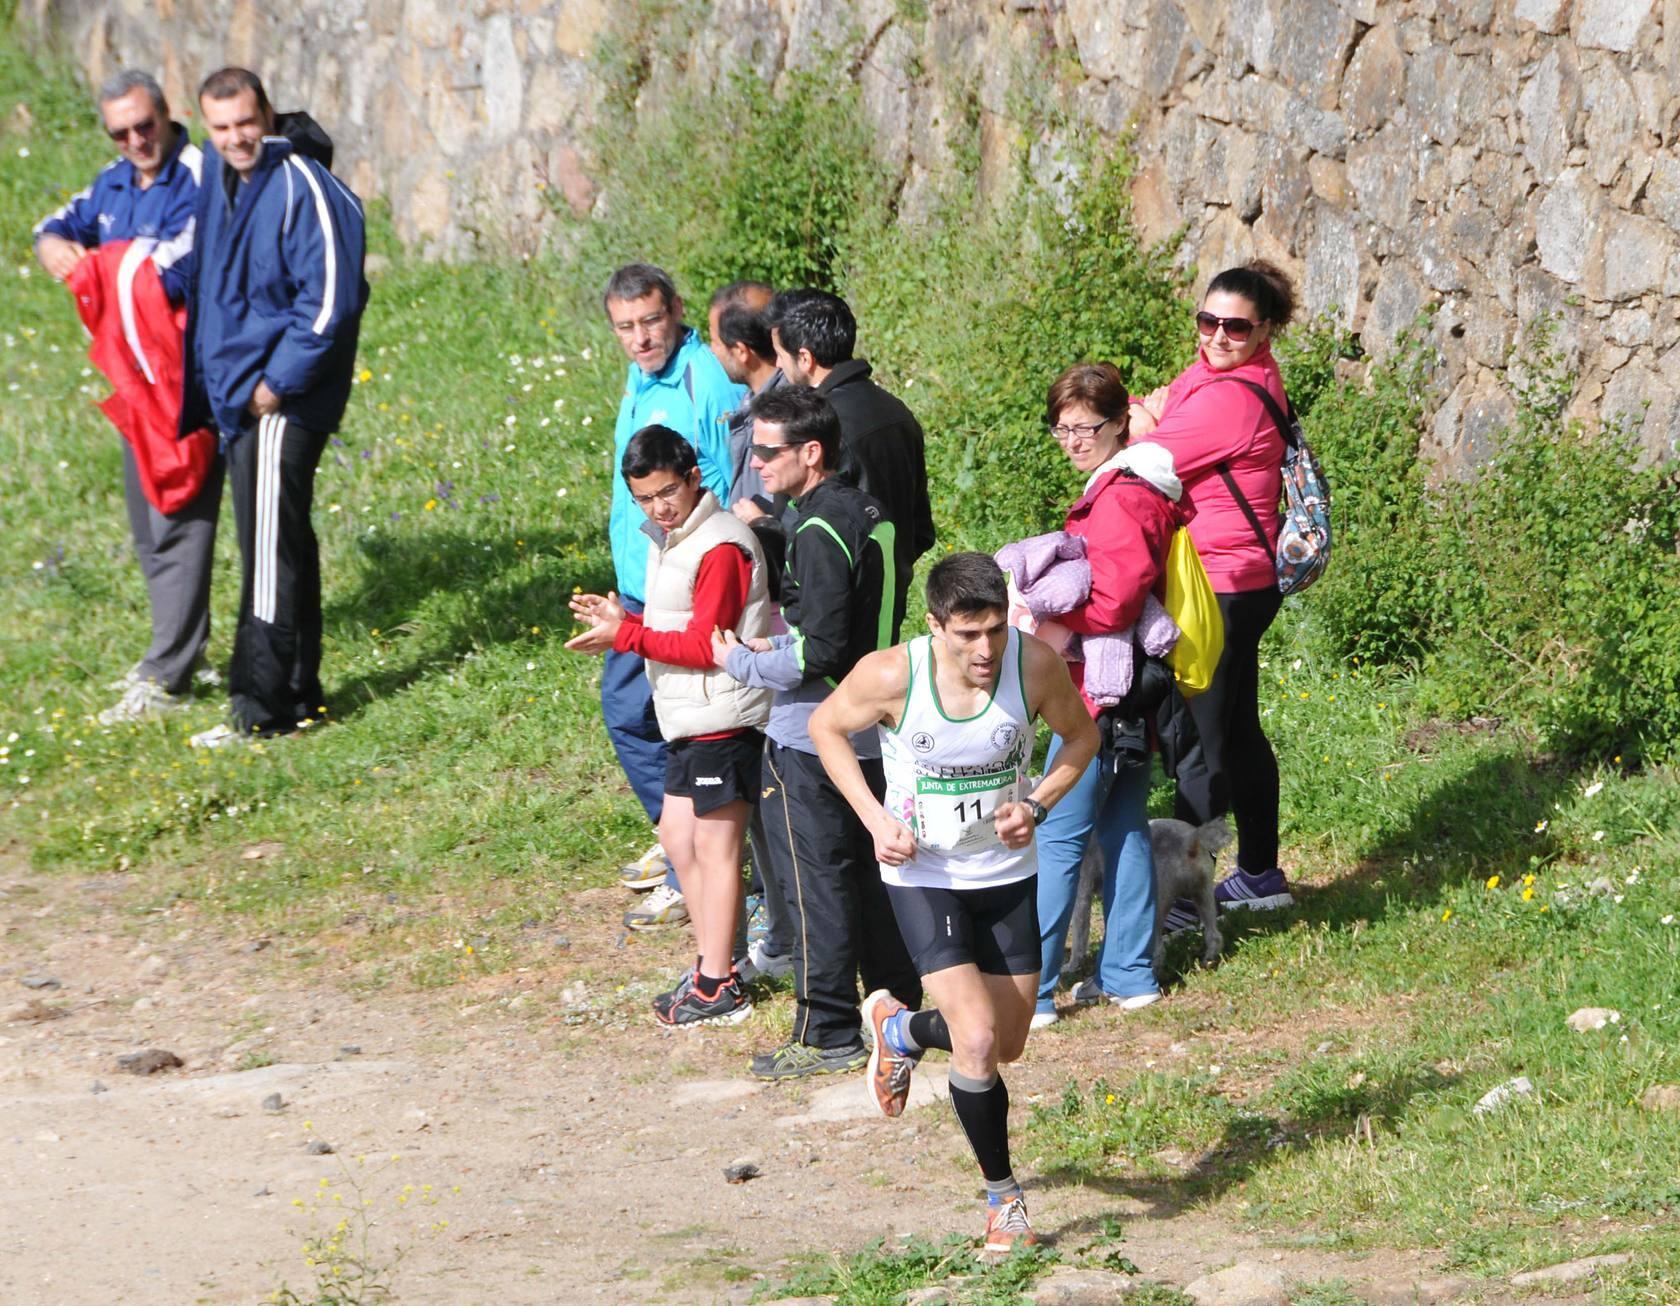 Plasencia | El cross camino del Puerto reunió a 347 corredores